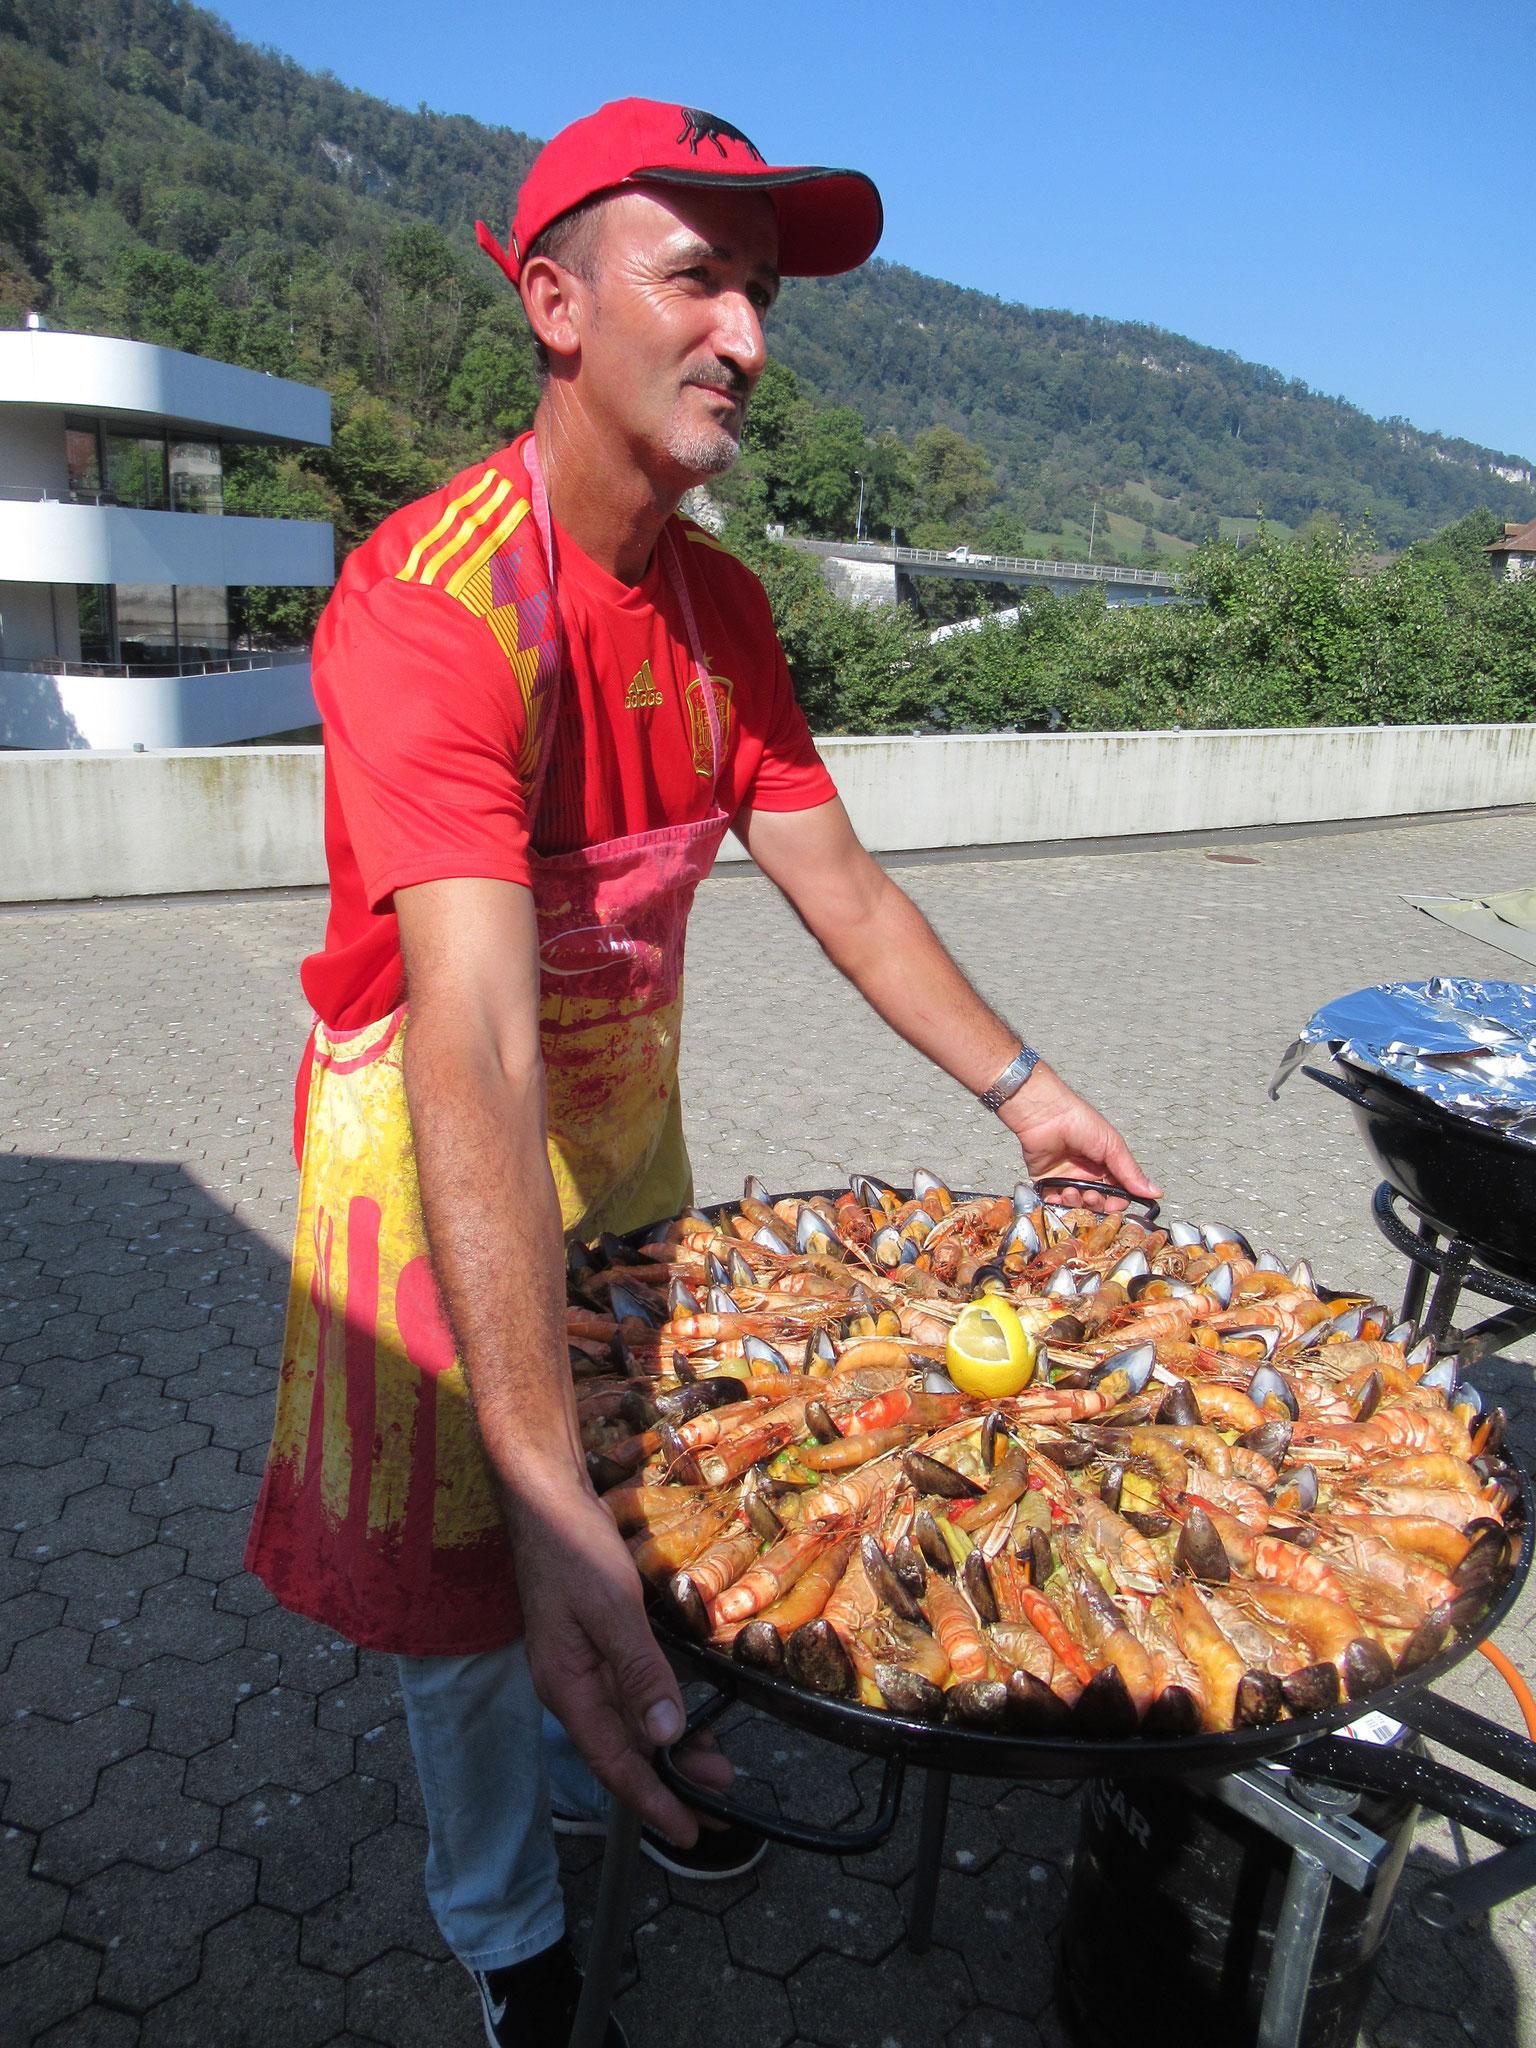 Auch der Chefkoch freut sich über sein Werk.